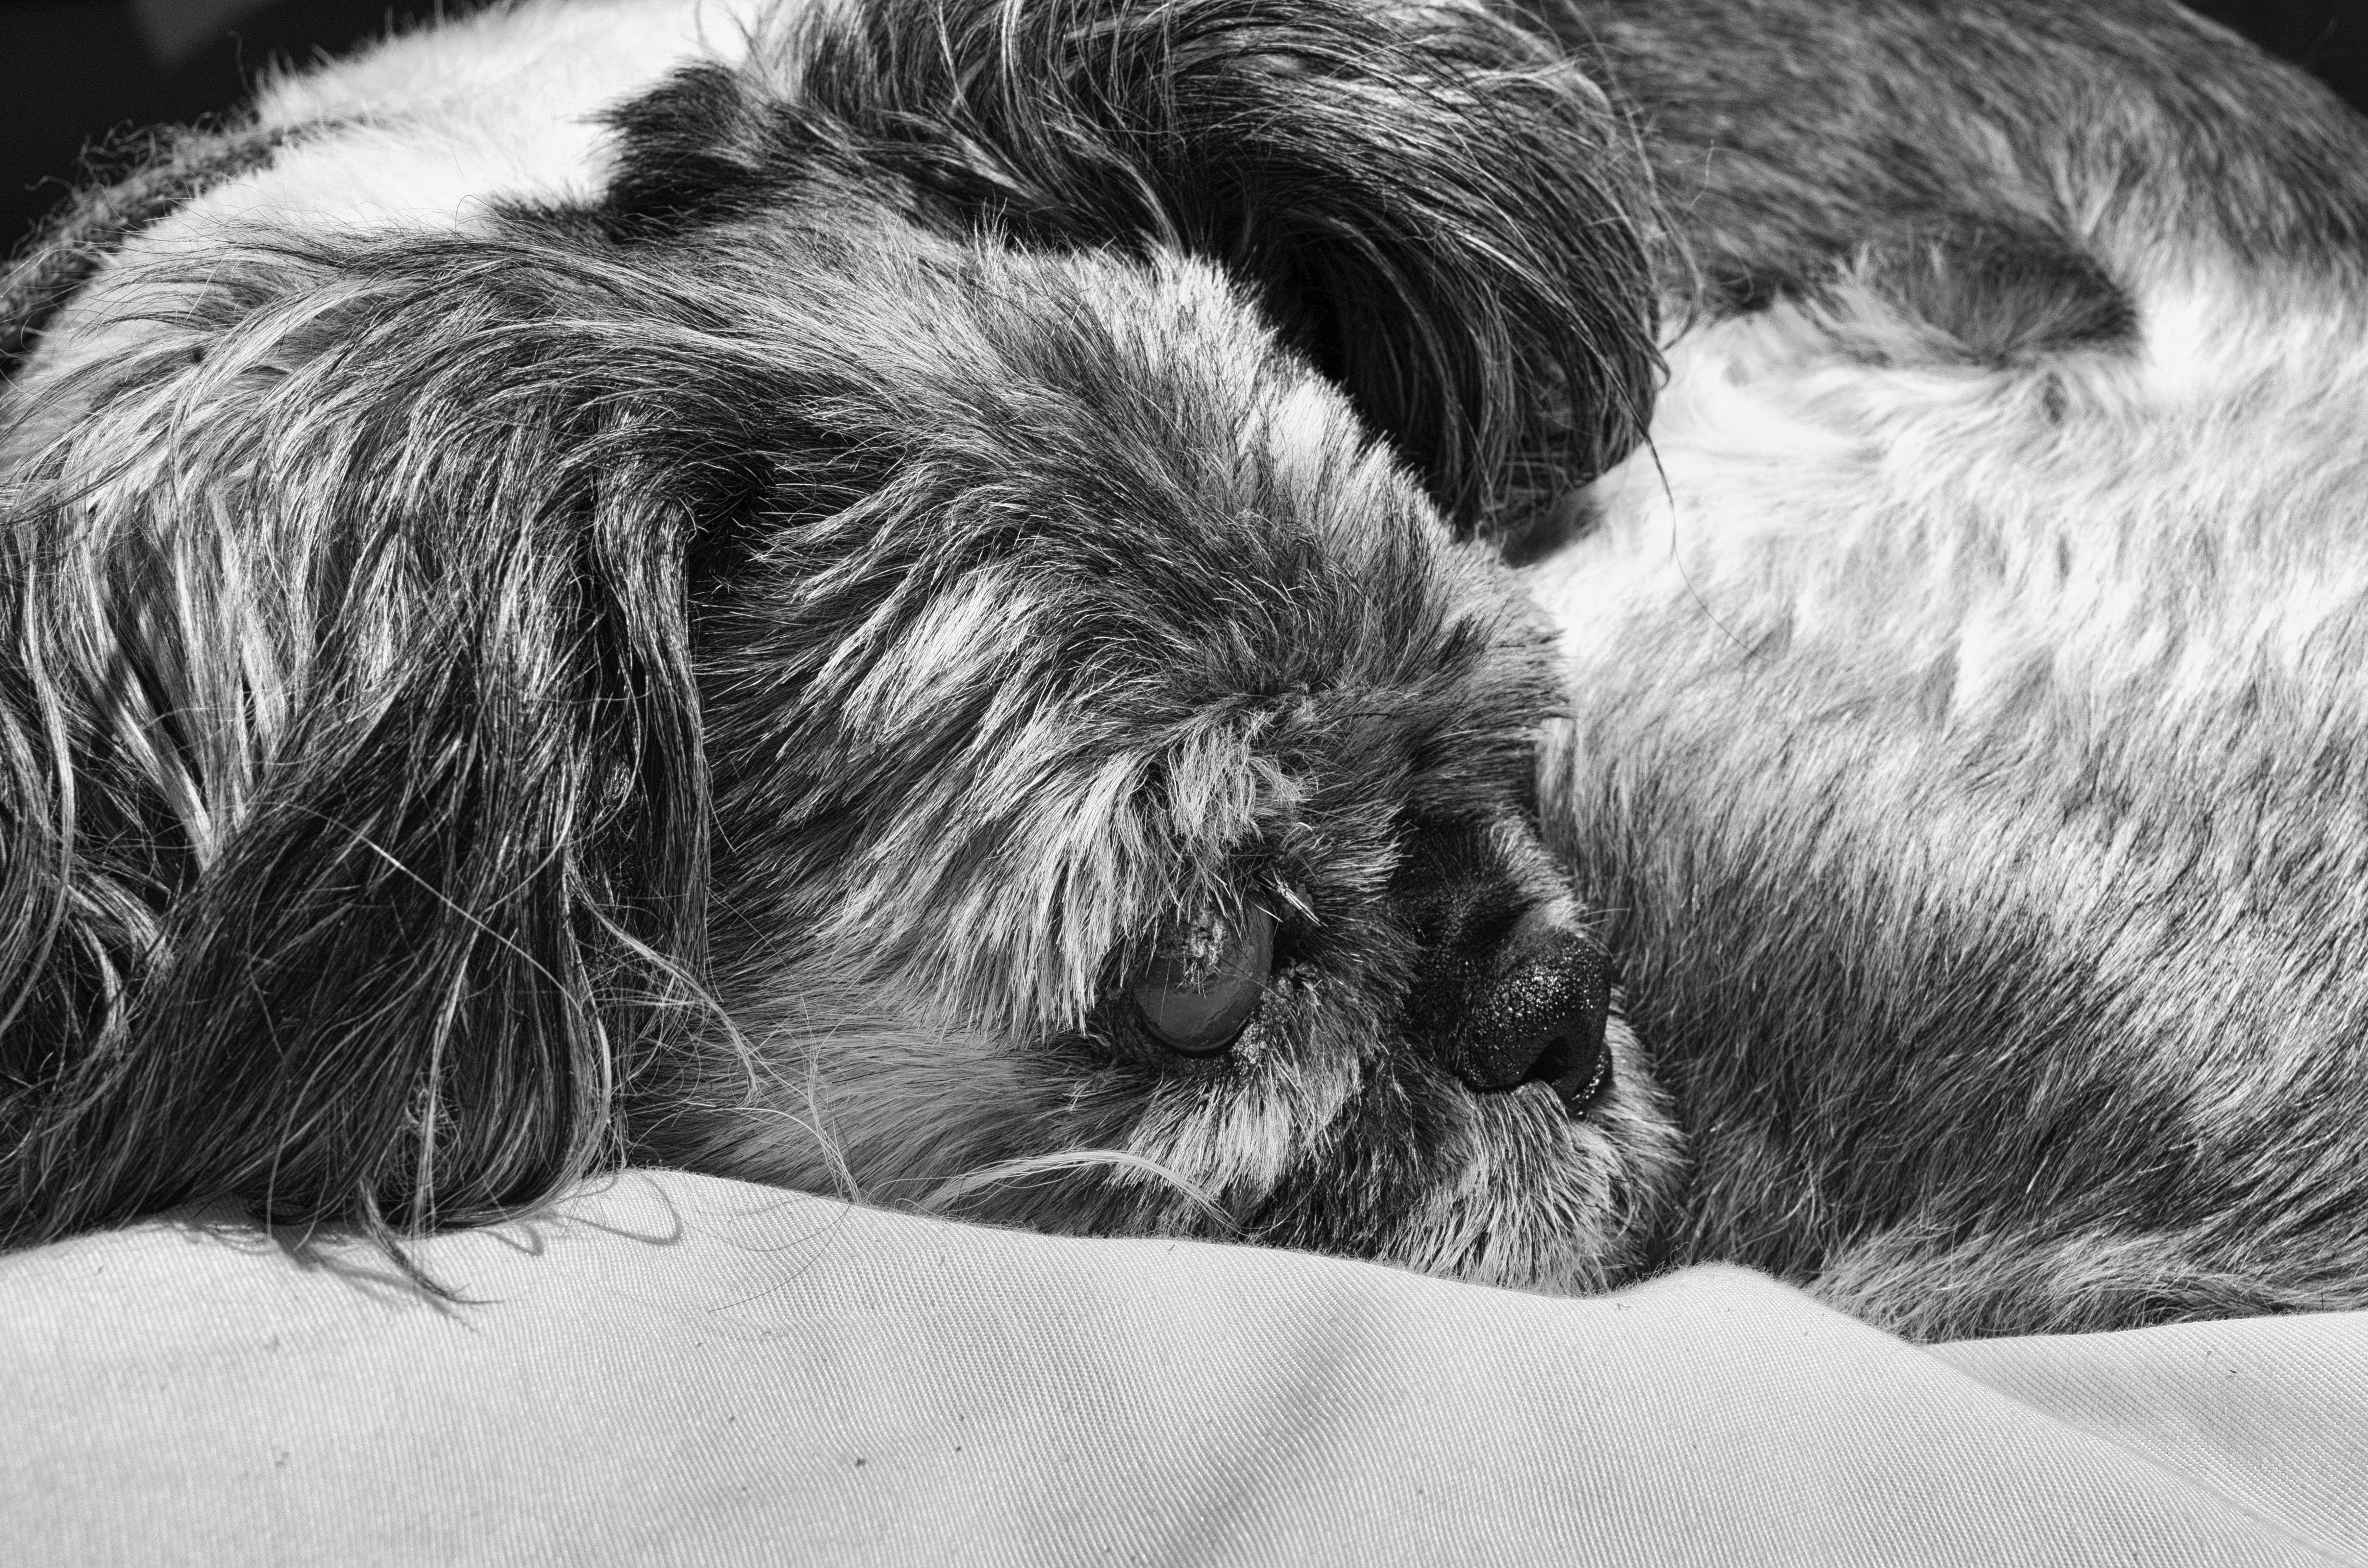 Gambar Hitam Dan Putih Anak Anjing Hewan Membelai Bulu